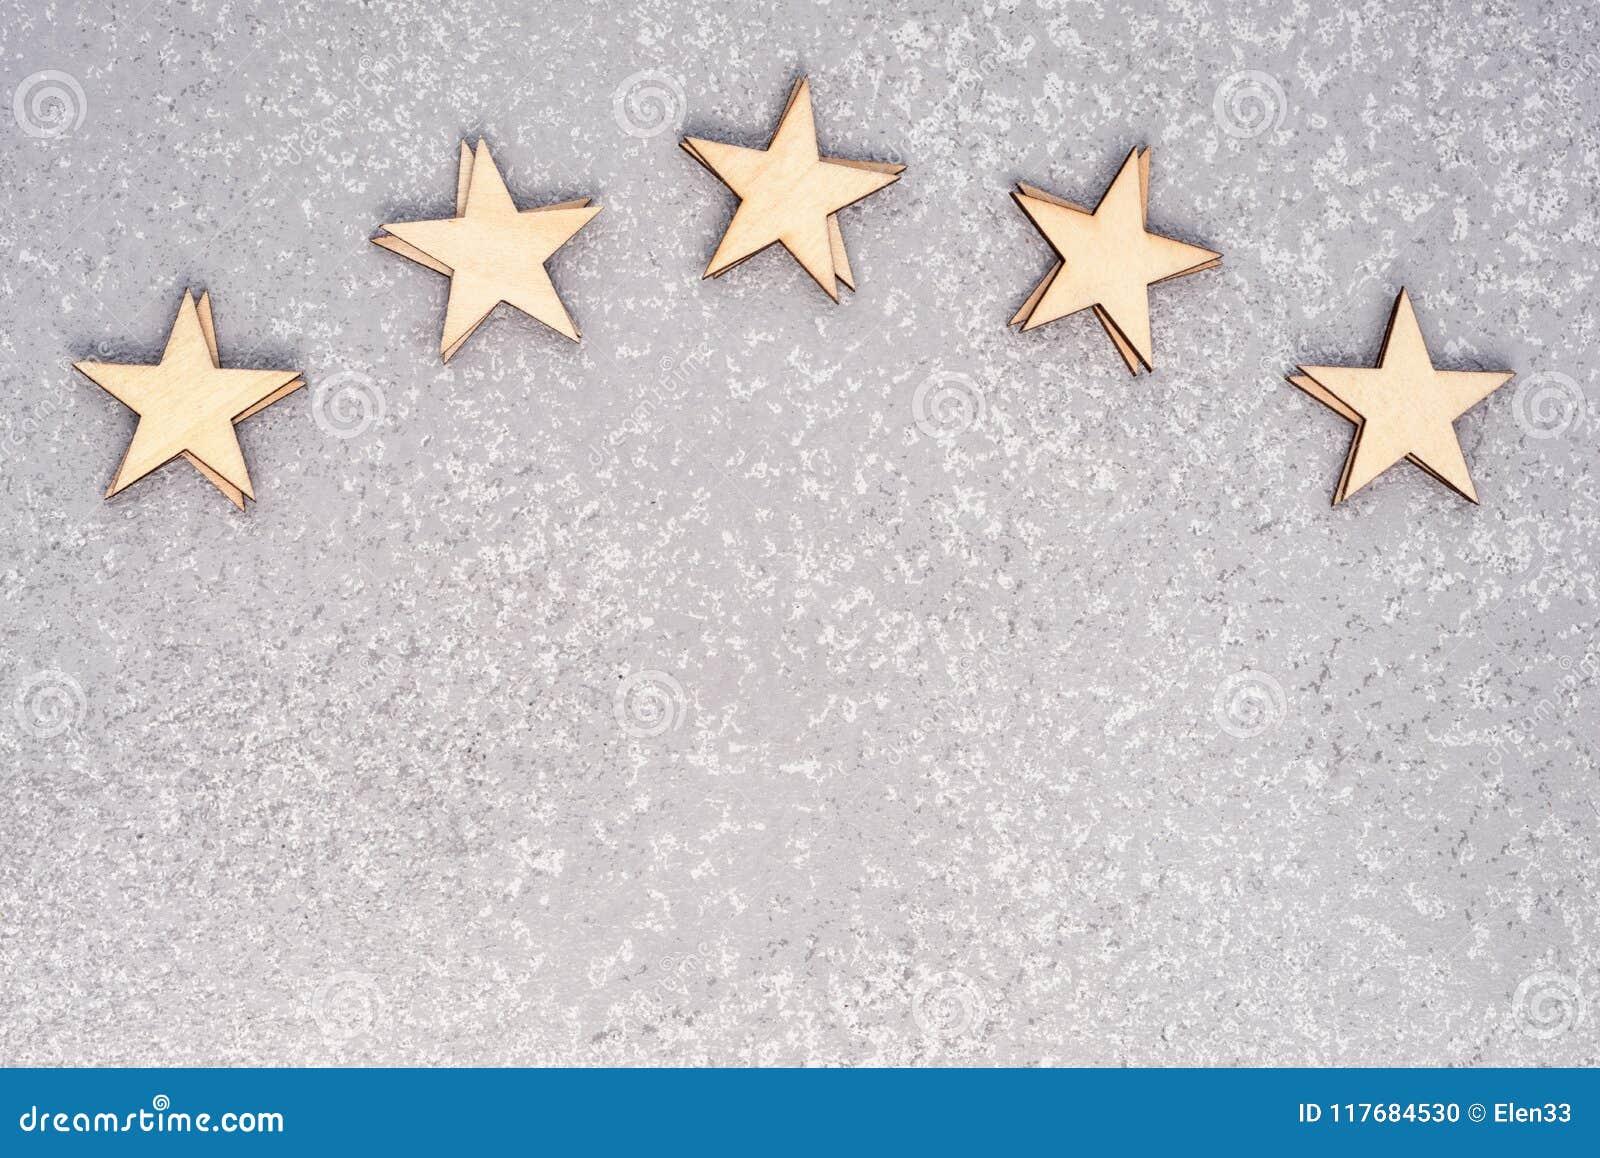 Cinco estrellas de madera